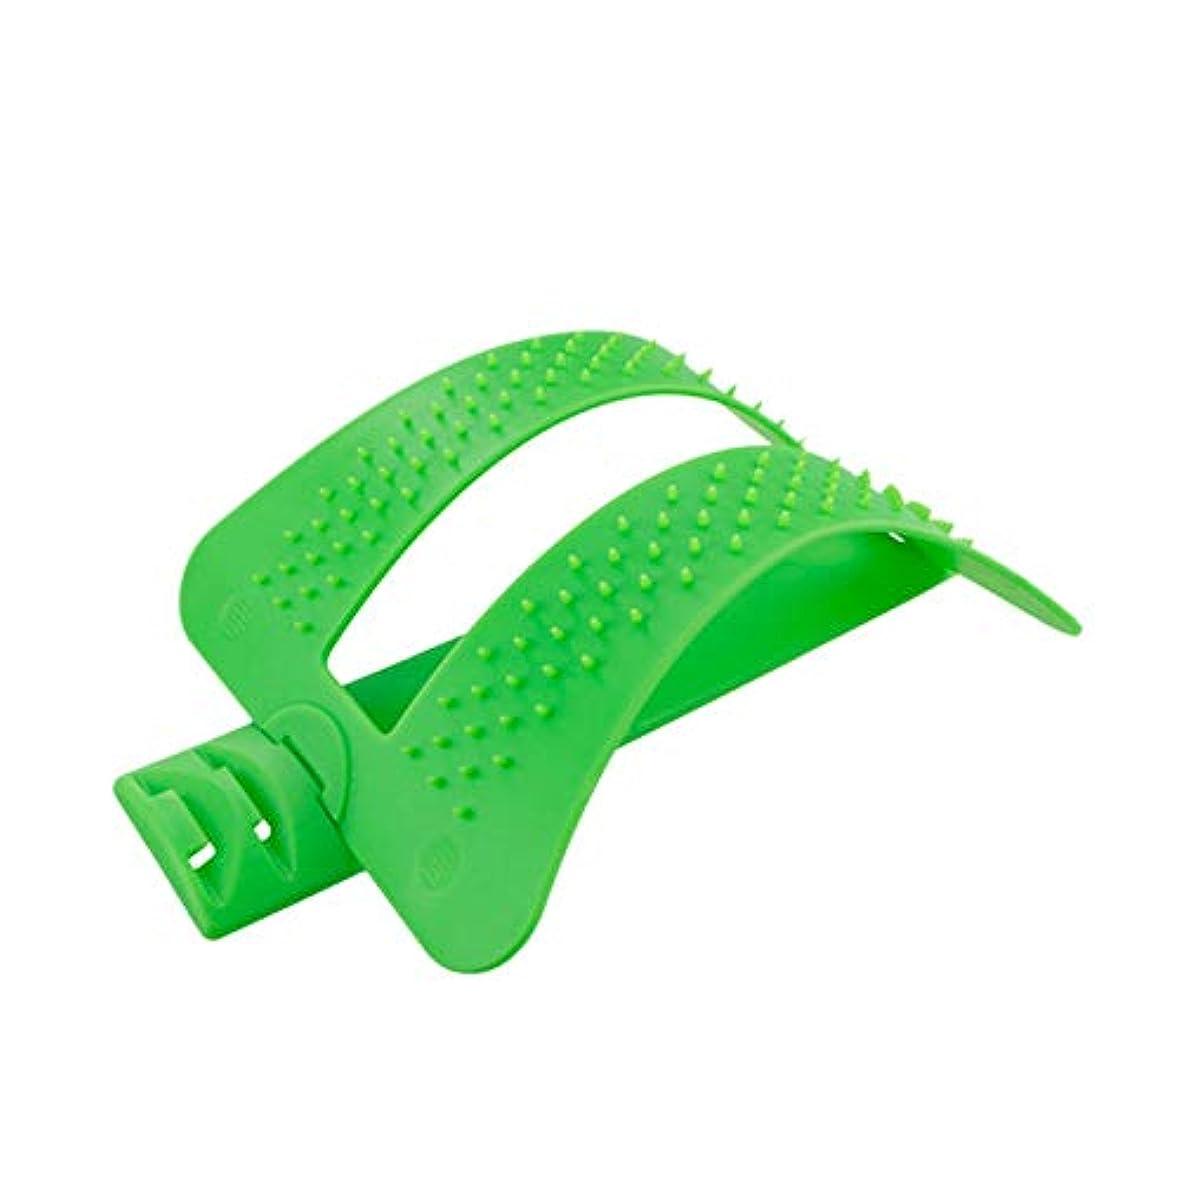 バター戦艦柔らかい足ACAMPTAR 背中のマッサージストレッチング装置 背中のマッサージ 指圧ストレッチャーフィットネス機器 ストレッチリラックス メイトストレッチャー腰椎サポート 脊椎の痛みを和らげるカイロプラクティック(グリーン)